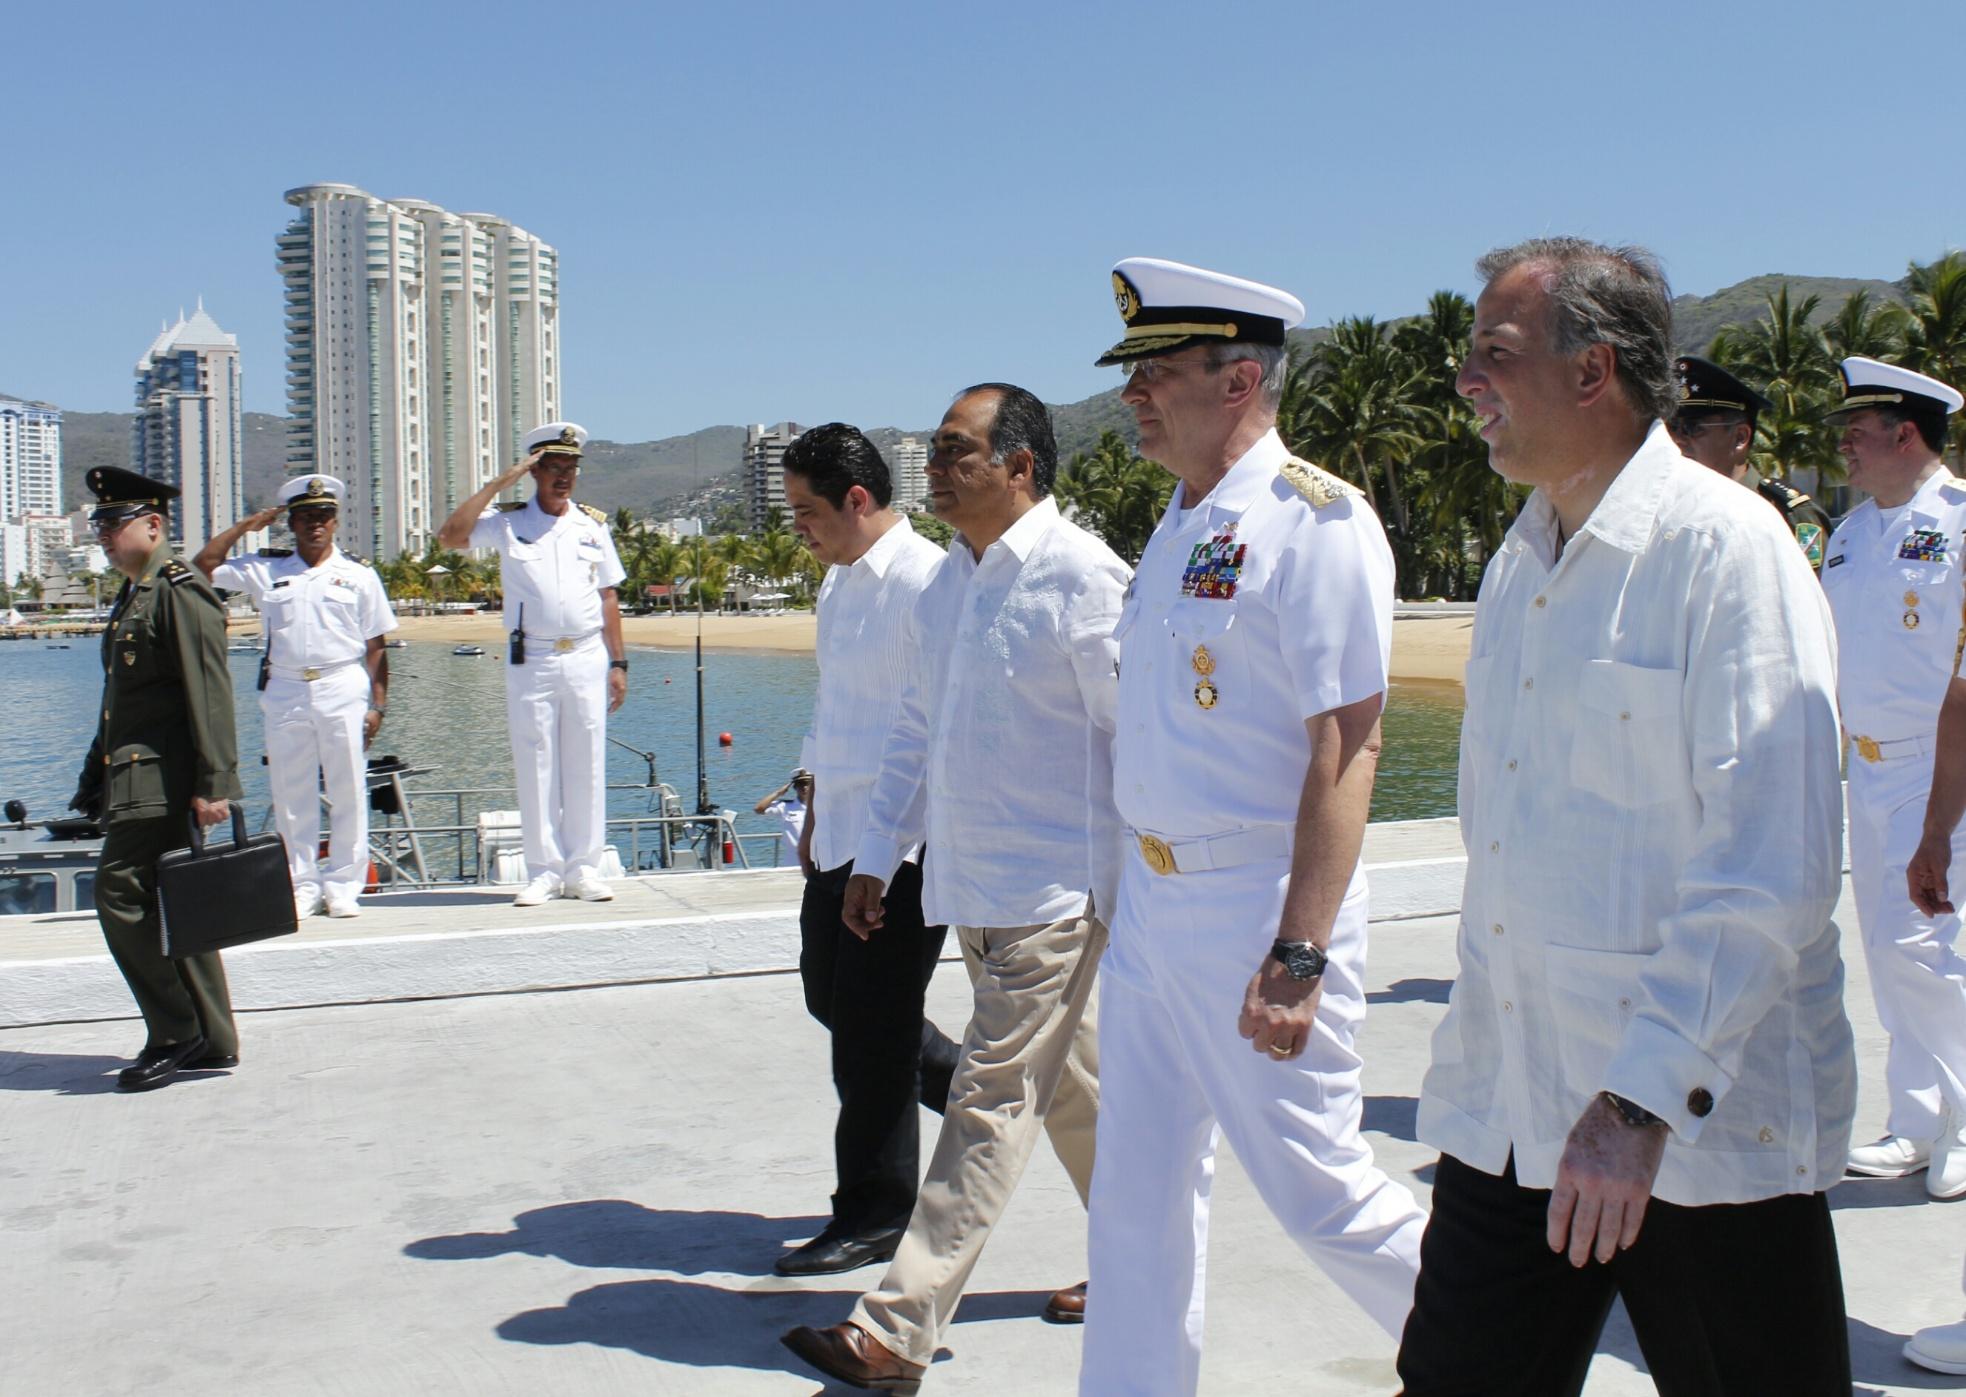 FOTO 2 El secretario Meade acude con la representaci n presidencial a la ceremonia de zarpe del Buque Escuela Cuauht mocjpg